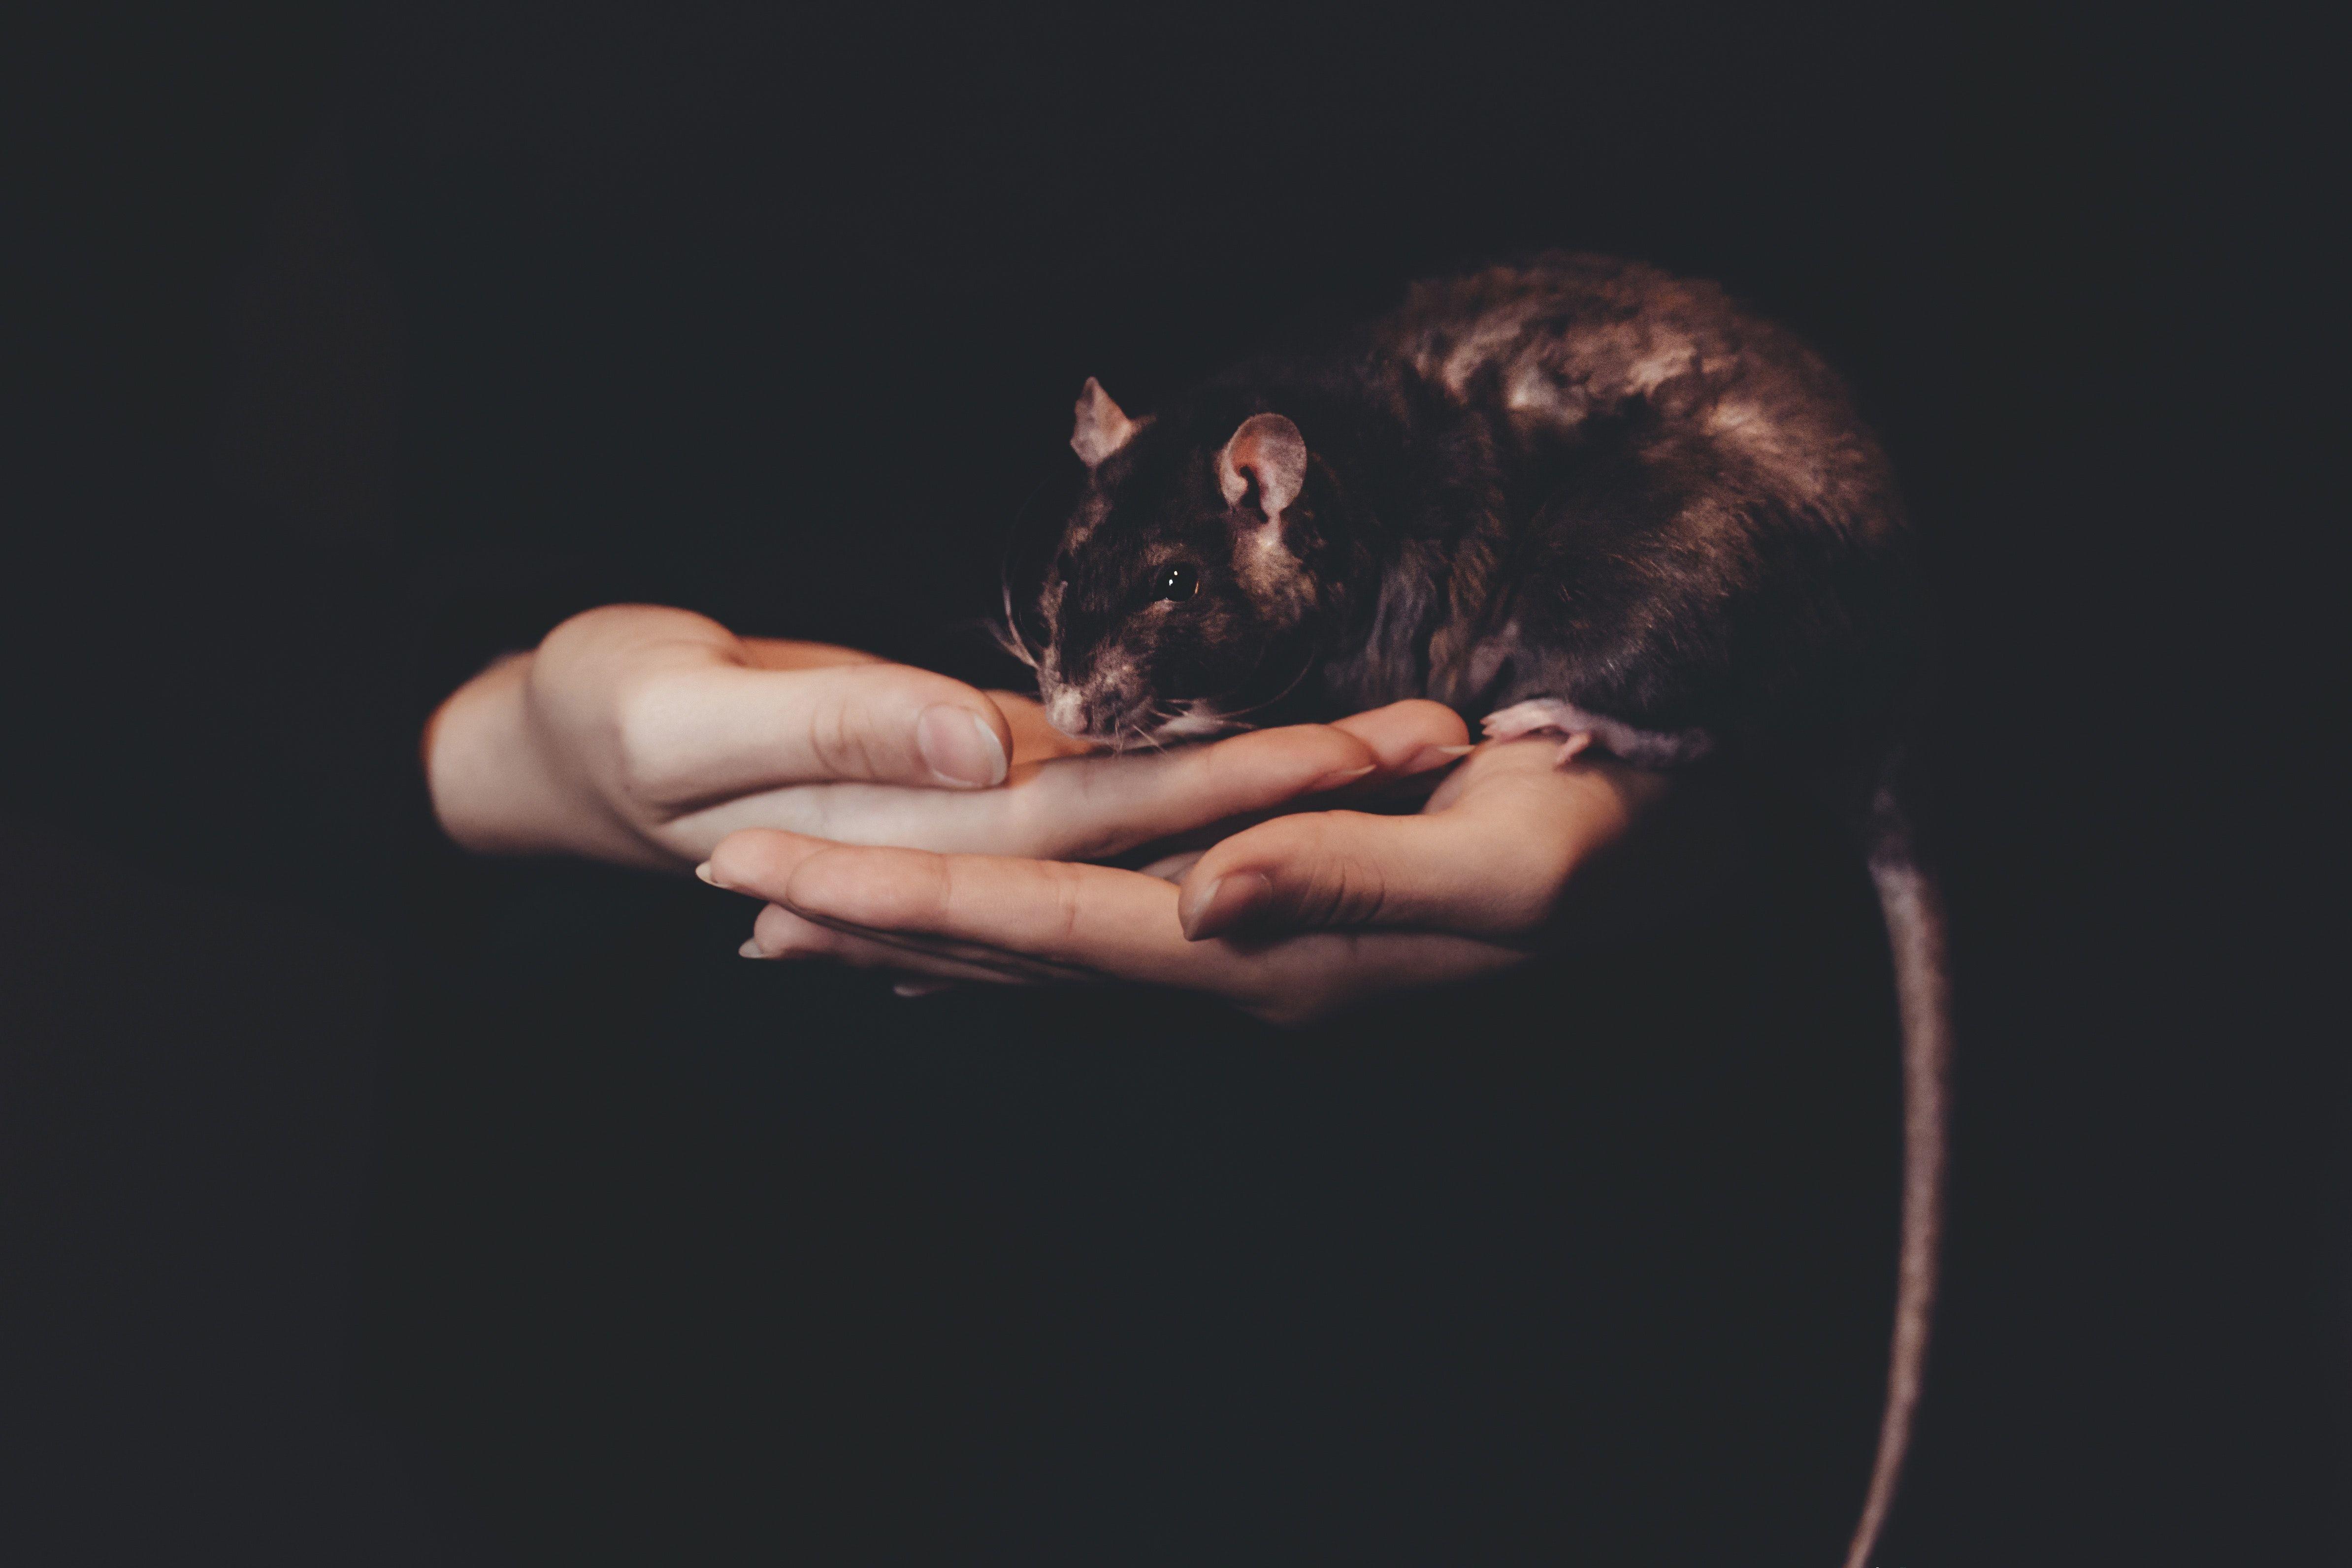 Пацюк, щур